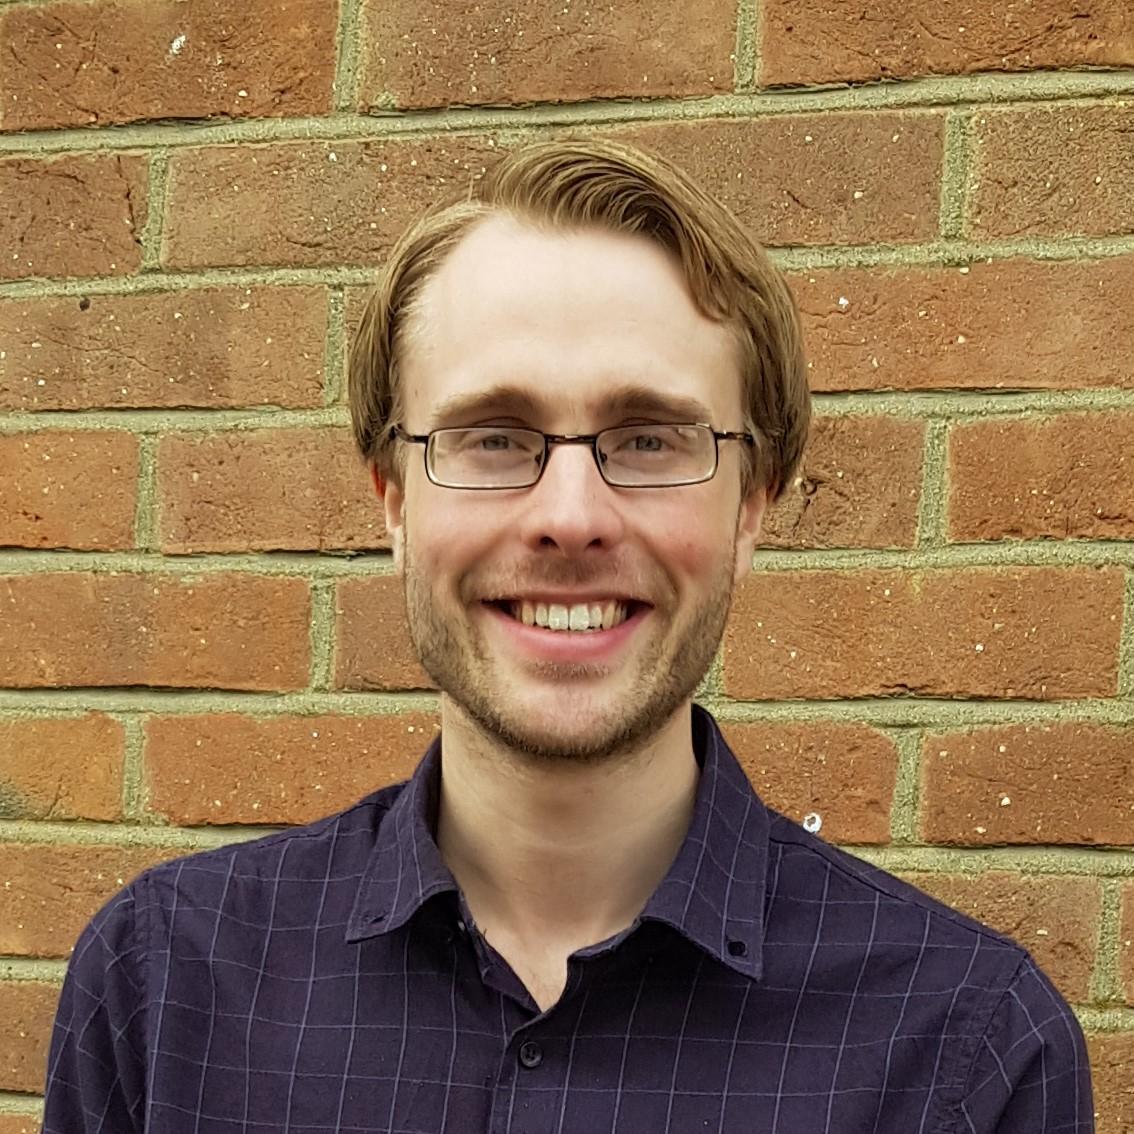 Toby Hunter